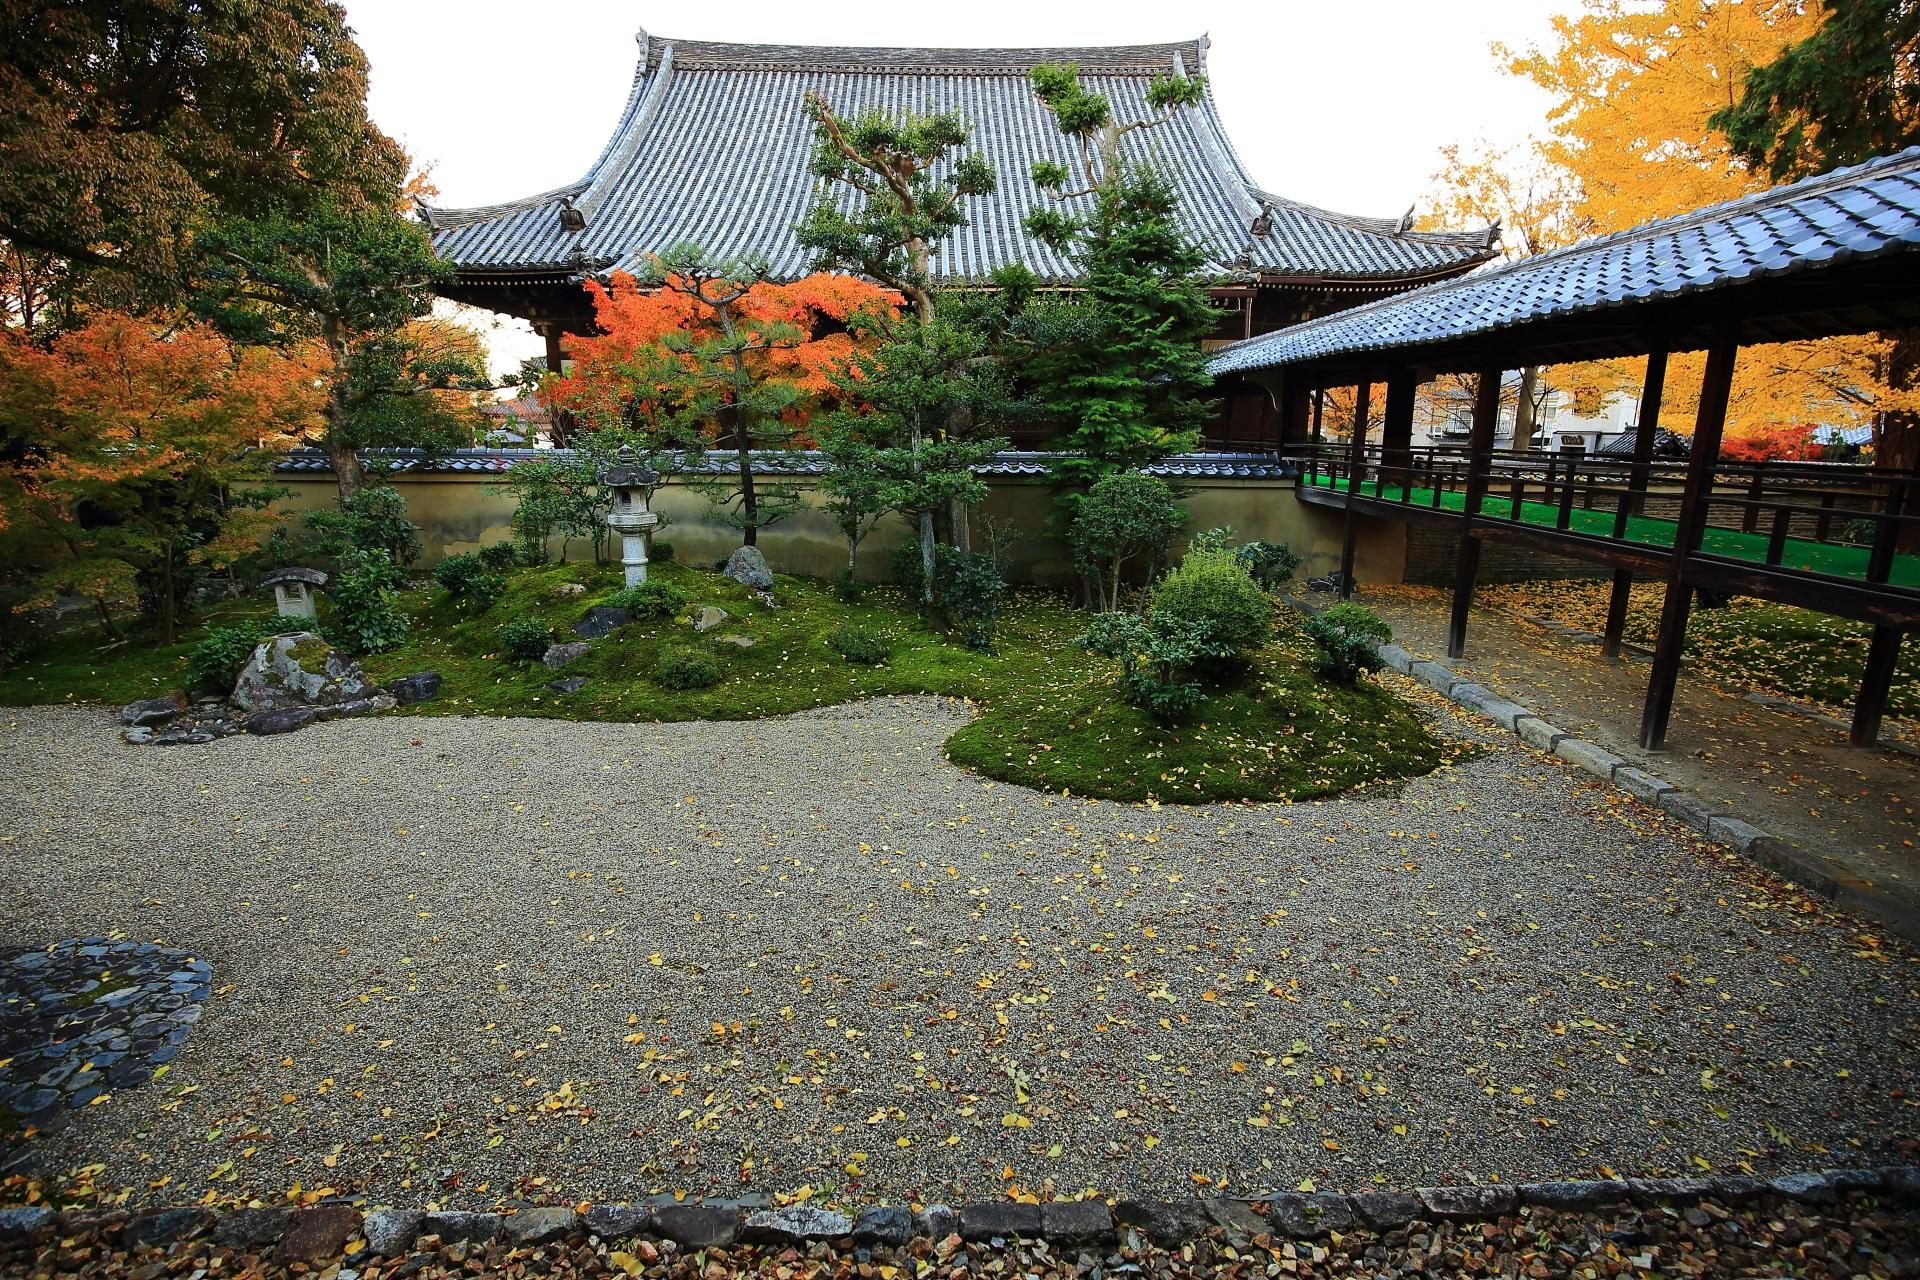 立本寺の銀杏と紅葉が華やぐ客殿南側の龍華苑